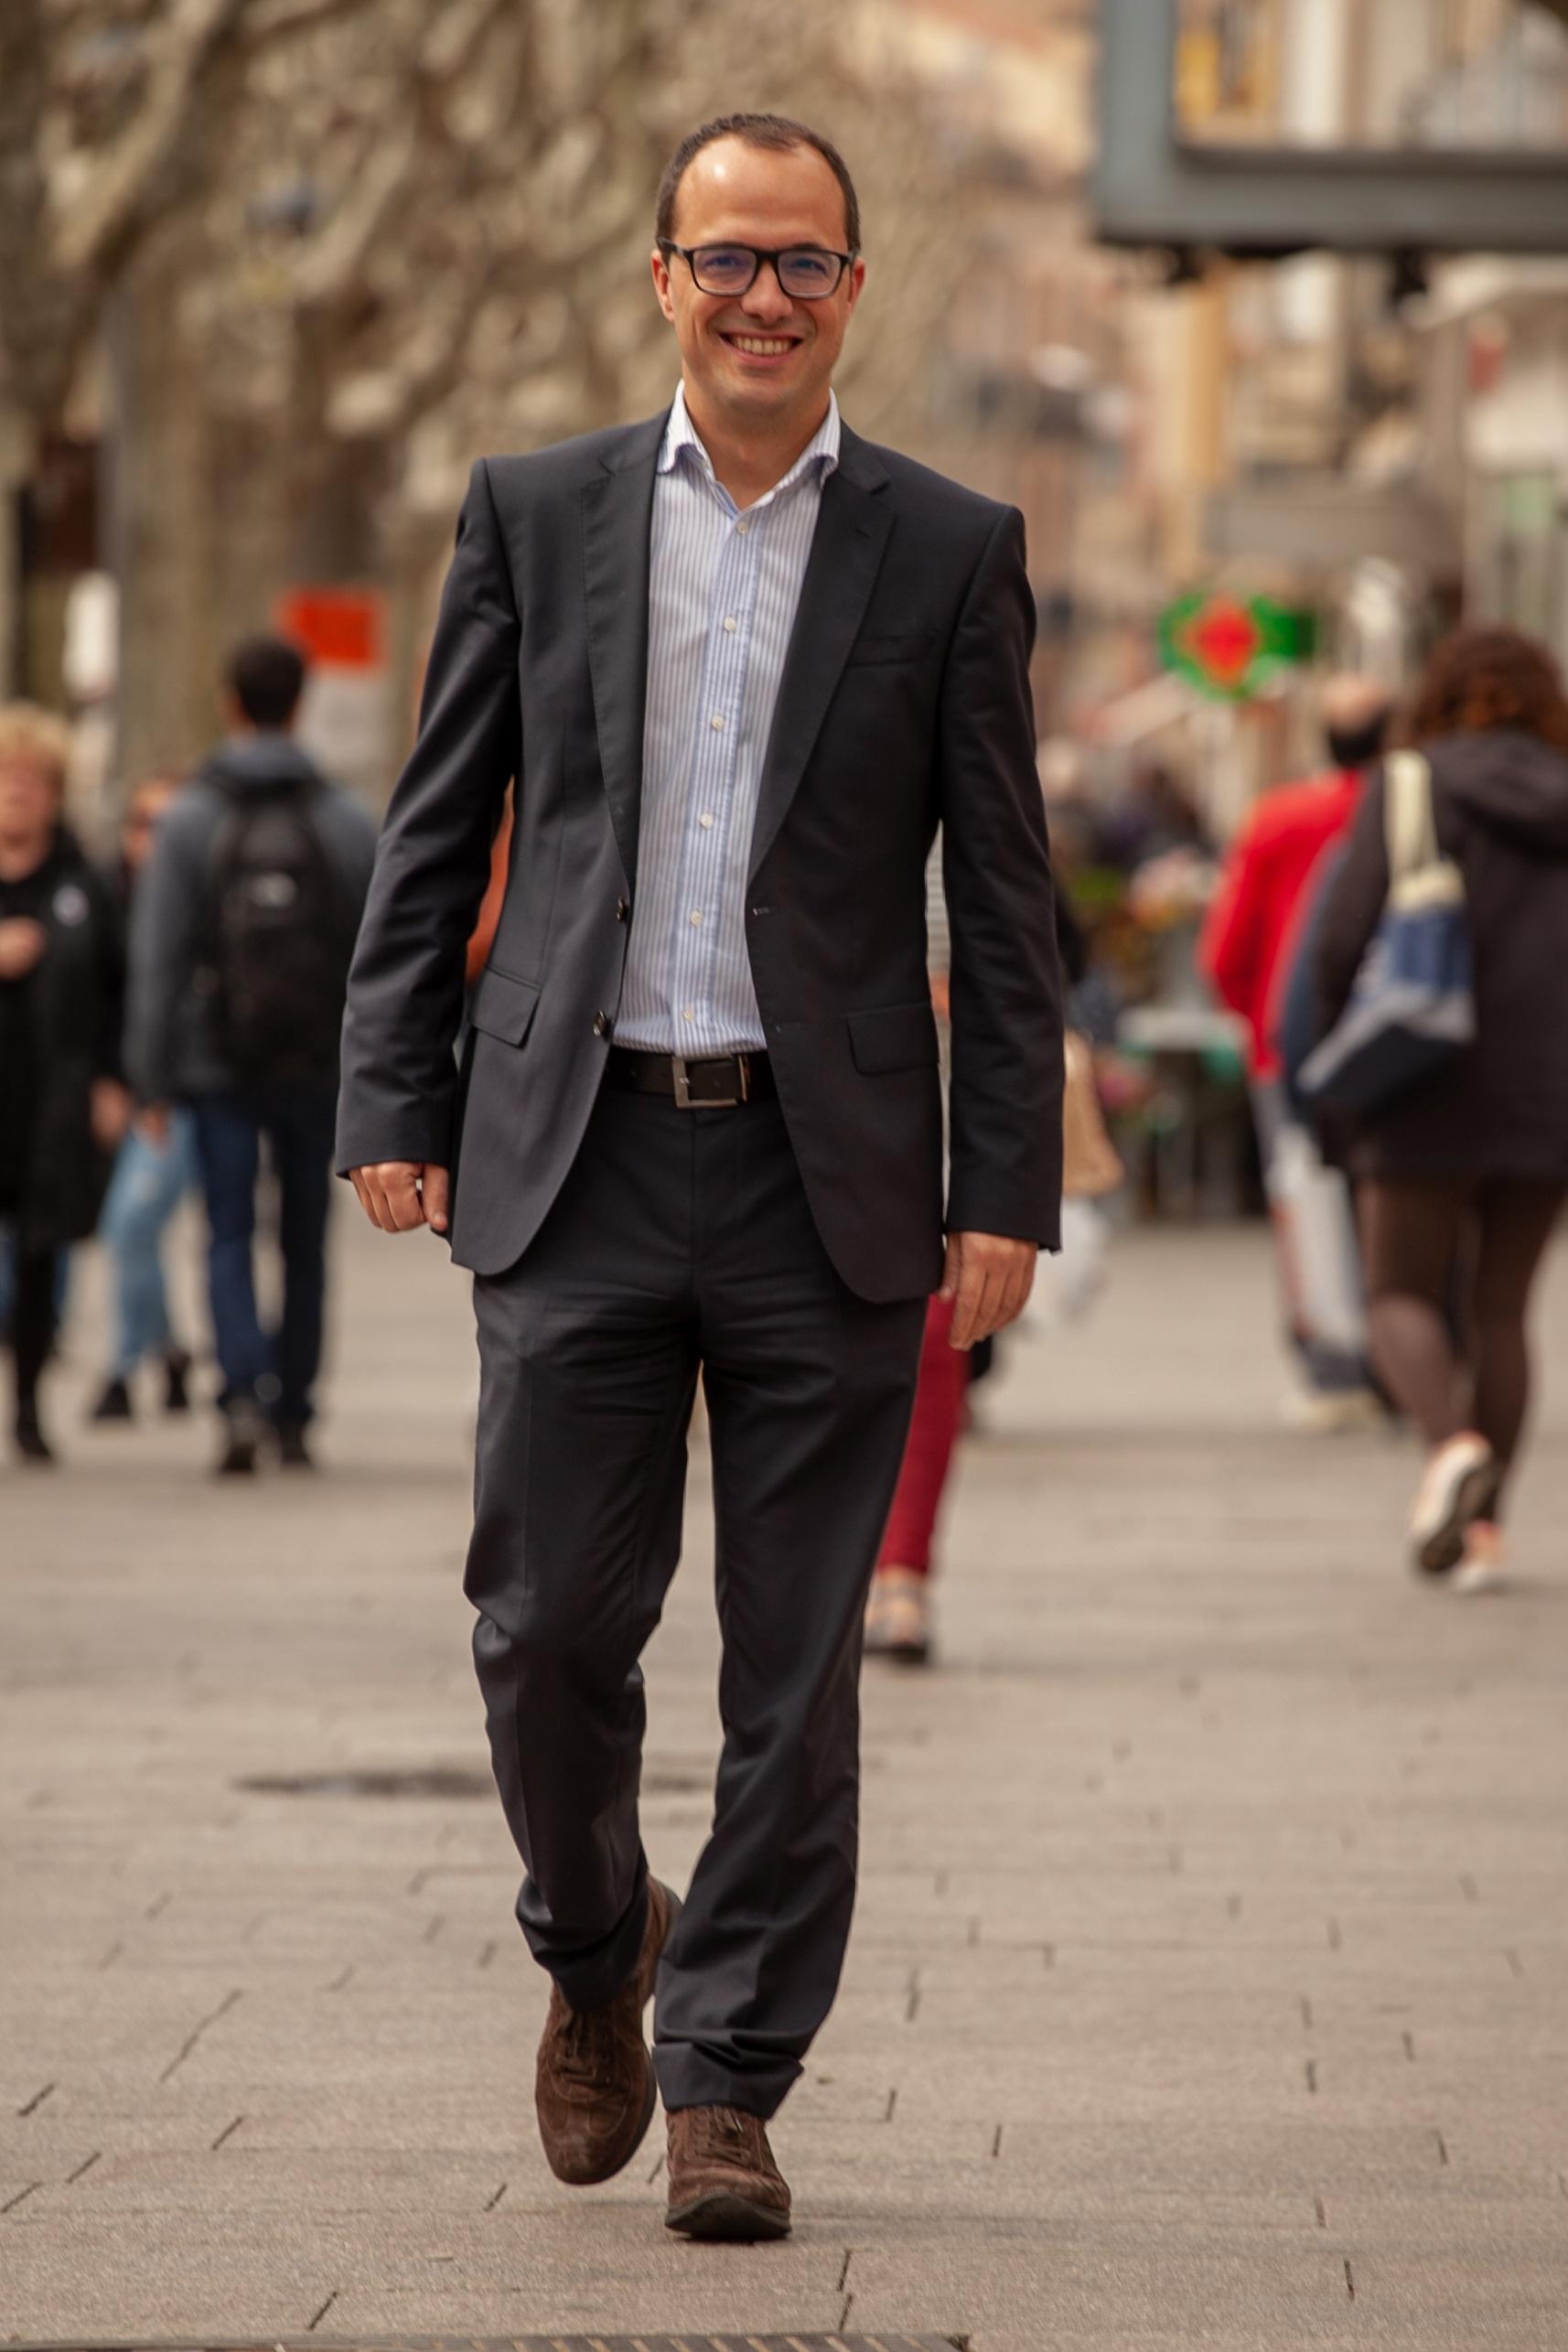 MATARÓ, AL CENTRE DE TOT. - Mataró al centre de tot significa la voluntat de la nostra candidatura de transformar la ciutat amb una proposta innovadora, desacomplexada i decidida.Perquè ja n'hi ha prou de ser una ciutat dormitori a la perifèria de Barcelona! No ho som! Mataró té caràcrer propi i hem de posar en valor tota la nostra riquesa humana i cultural, desenvolupant el talent i l'emprenedoria mataronina, exercint de capital del Maresme i, sobretot, fent de casa nostre un lloc millor en el que viure, amb carrers nets, serveis públics que funcionin i on la convivència sigui la norma, no l'excepció.És l'hora de tornar posar Mataró al centre de tot!Fem-ho possible! Fem-ho junts!